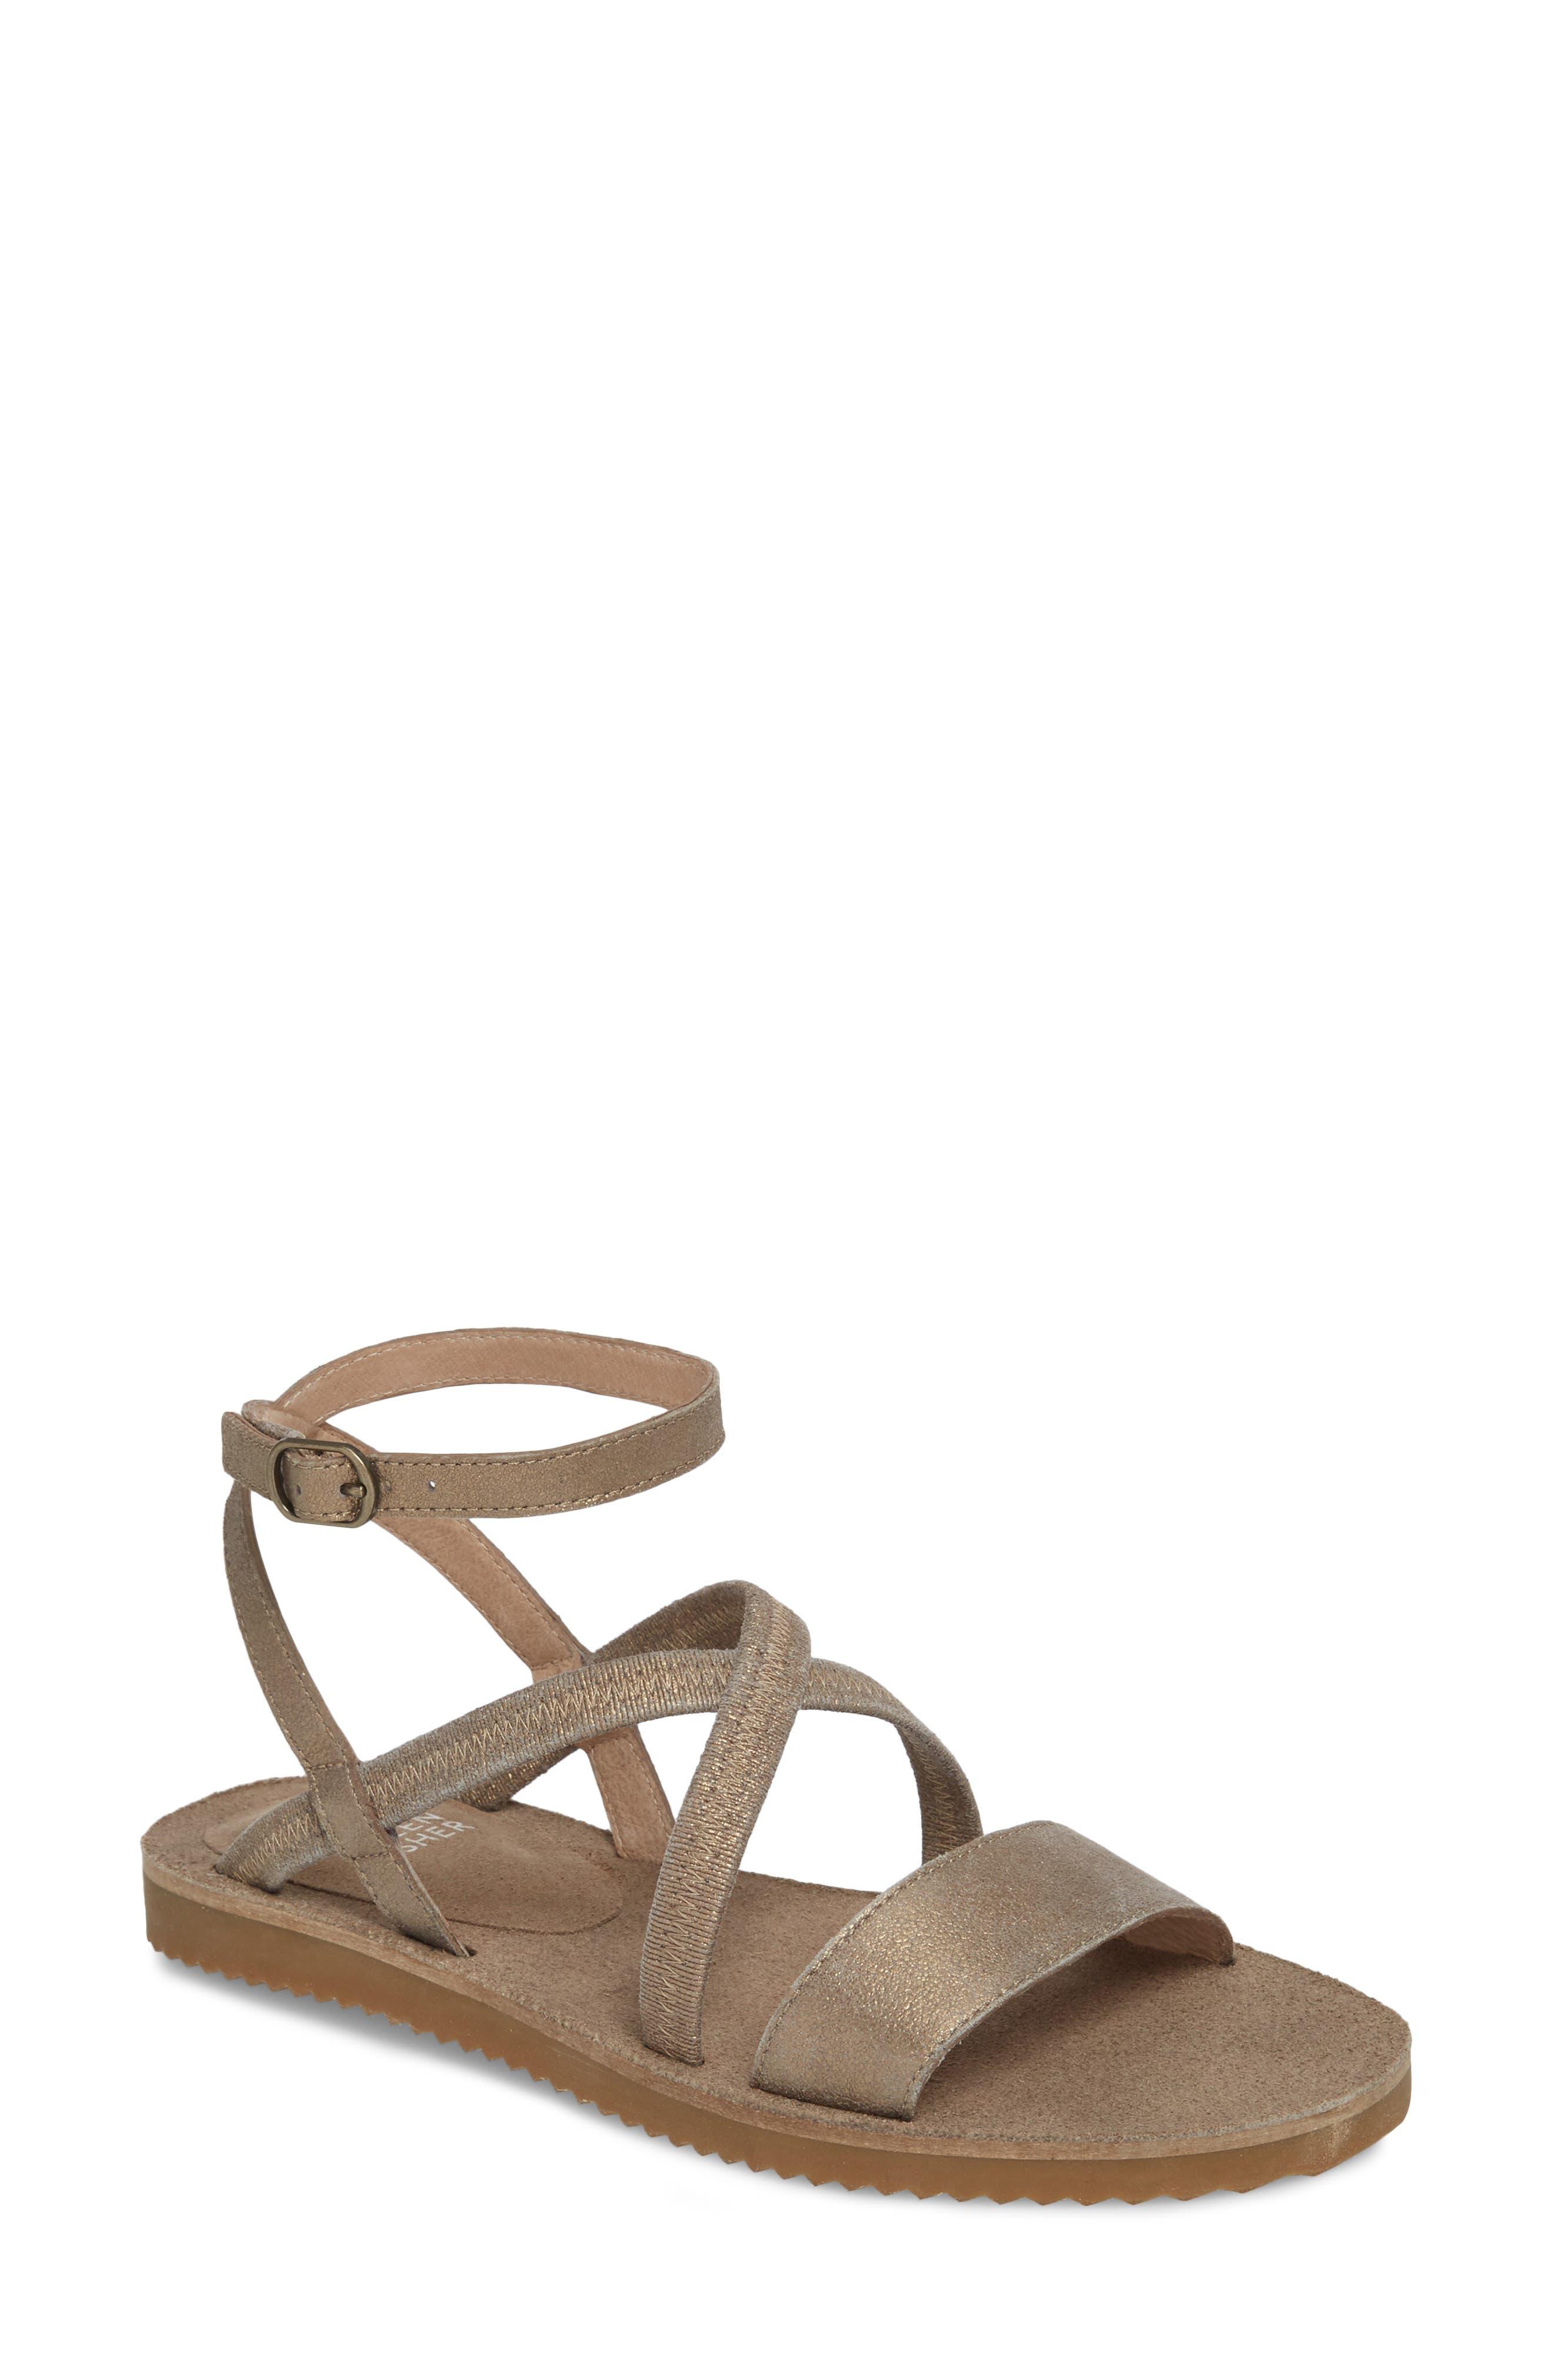 June Sandal,                         Main,                         color, Platinum Leather